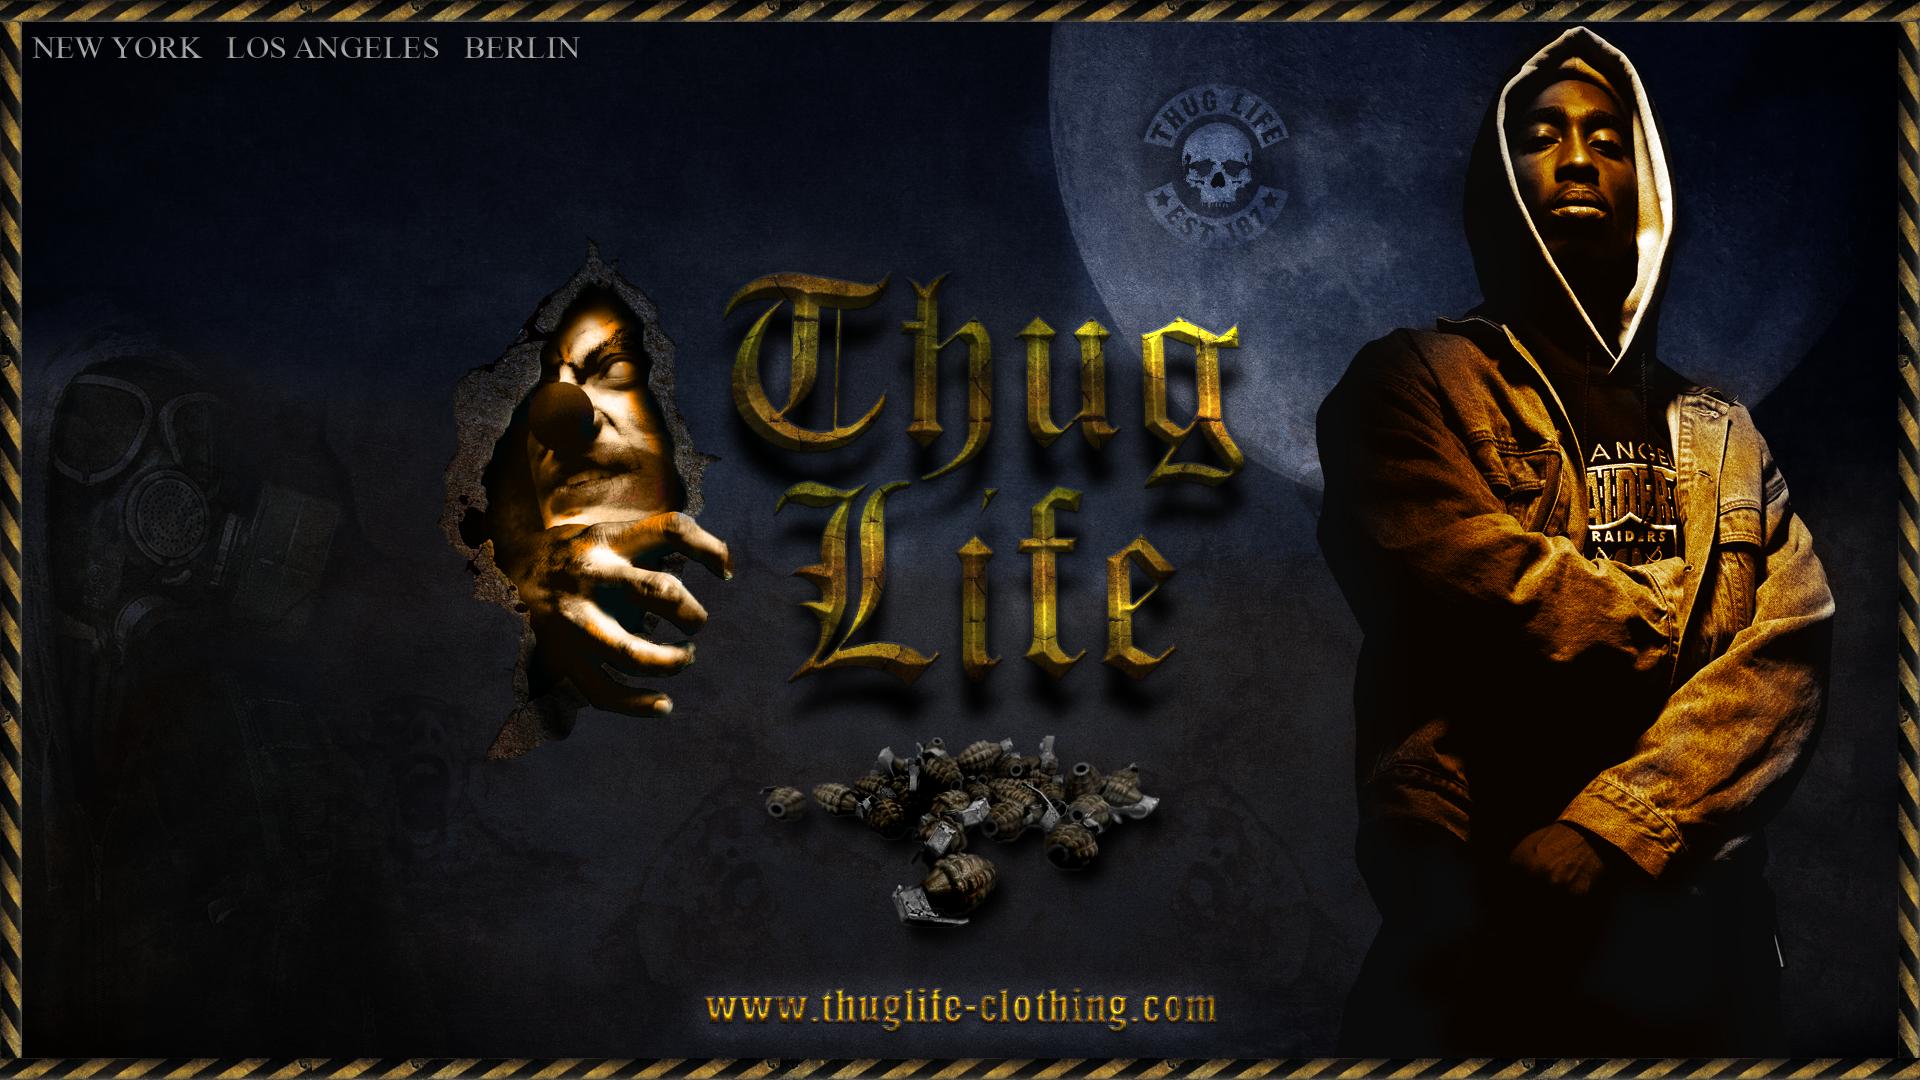 thug life wallpaer grunge by messerwilli fan art wallpaper other 2012 1920x1080